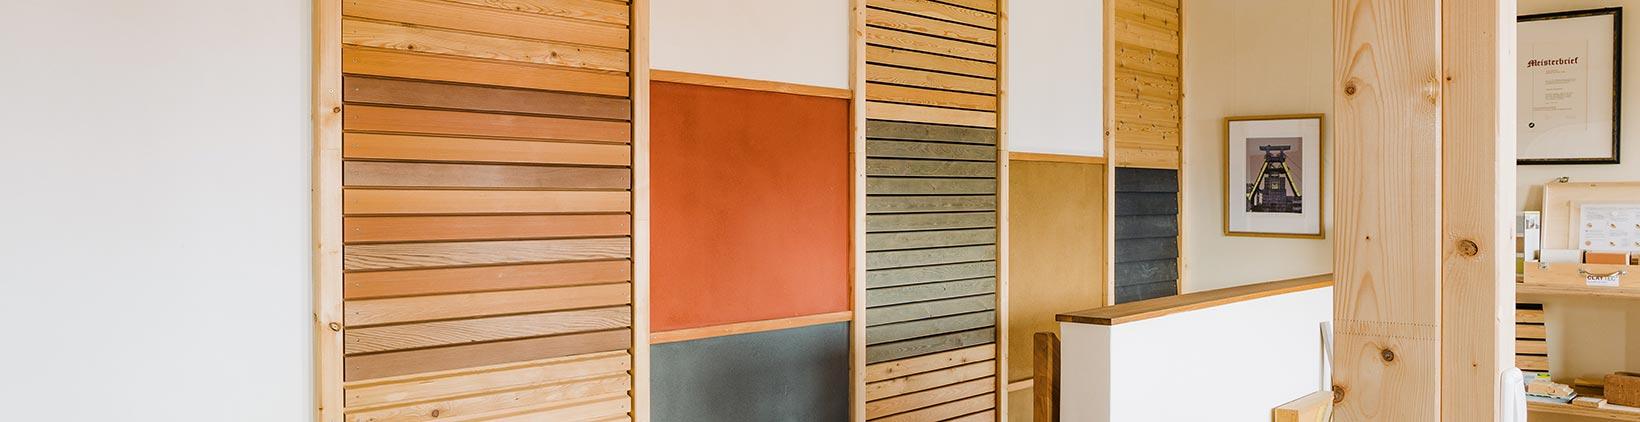 Oberflächenbehandlung von Holzfassaden